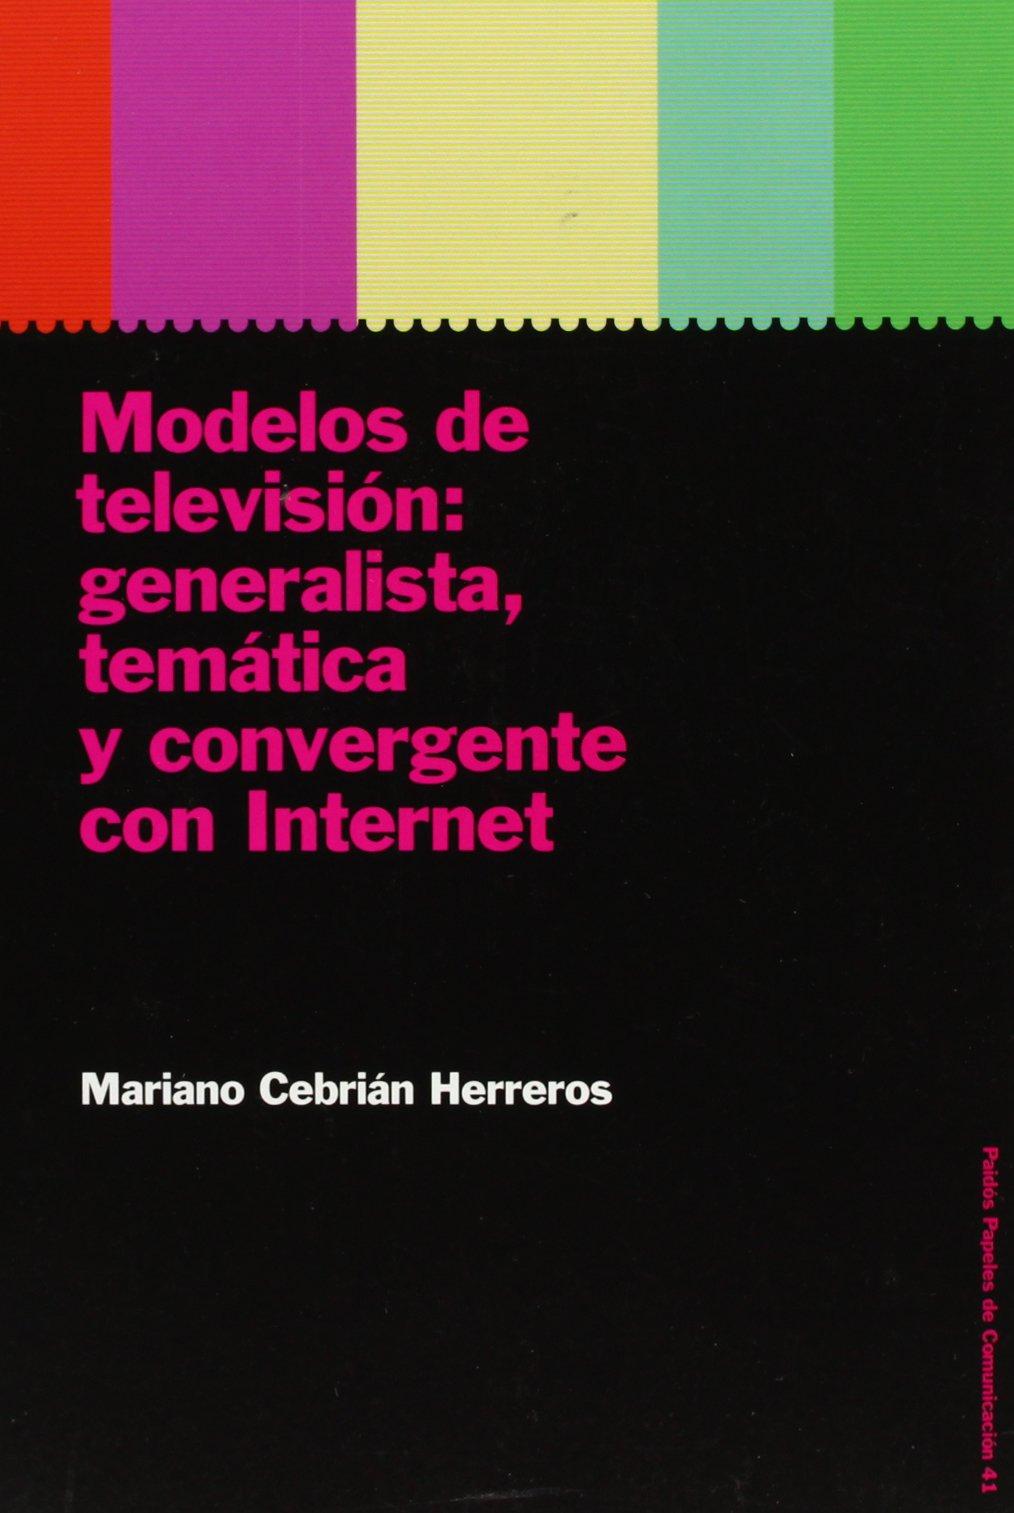 MODELOS DE TELEVISION: GENERALISTA, TEMATICA Y CONVERGENTE CON INTERNET (Comunicación) Tapa blanda – 13 mar 2004 Mariano Cebrián Herreros Ediciones Paidós 8449315379 1002-WS1501-A01010-8449315379